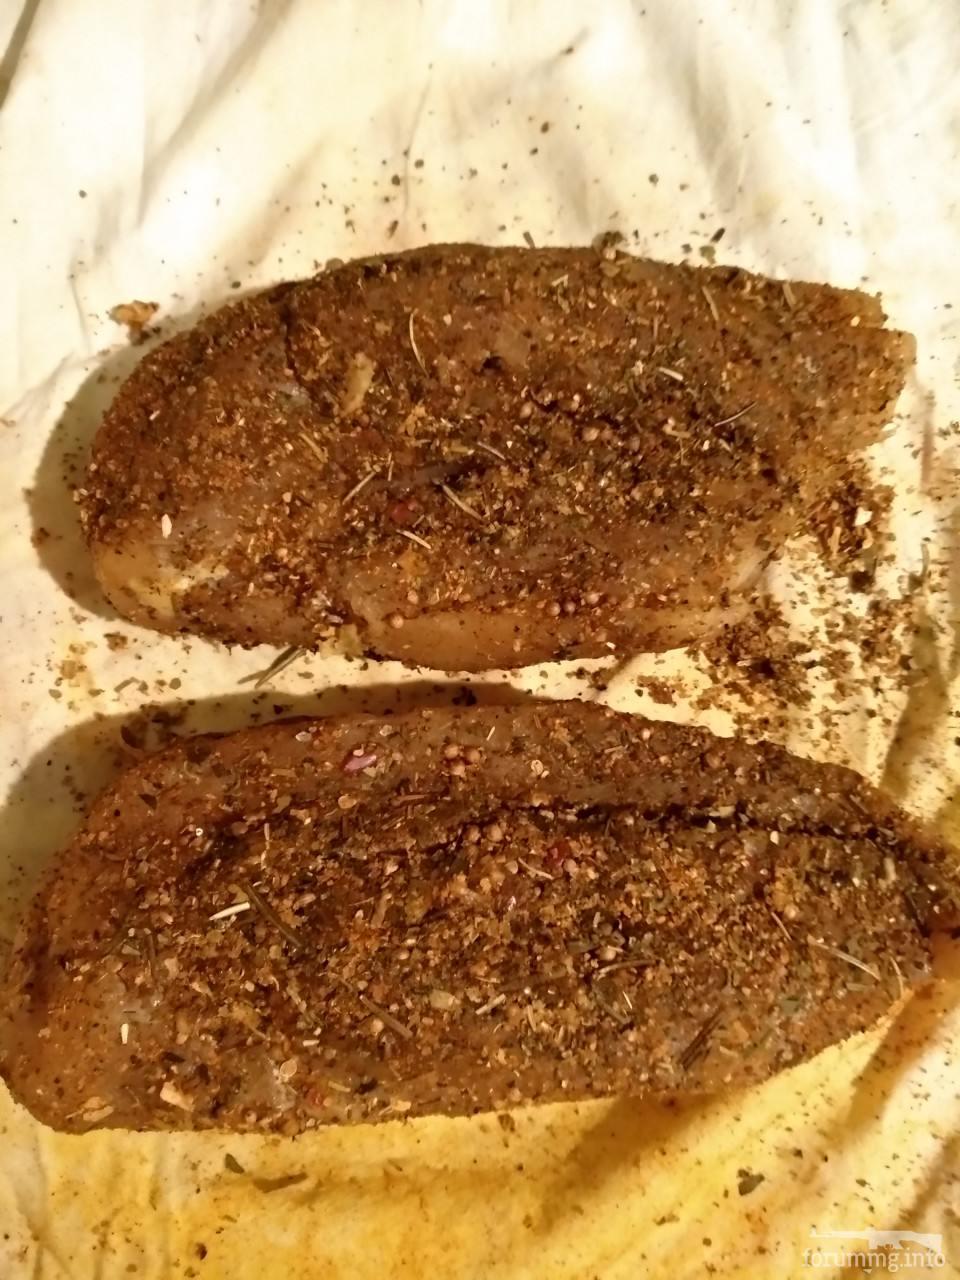 120057 - Закуски на огне (мангал, барбекю и т.д.) и кулинария вообще. Советы и рецепты.